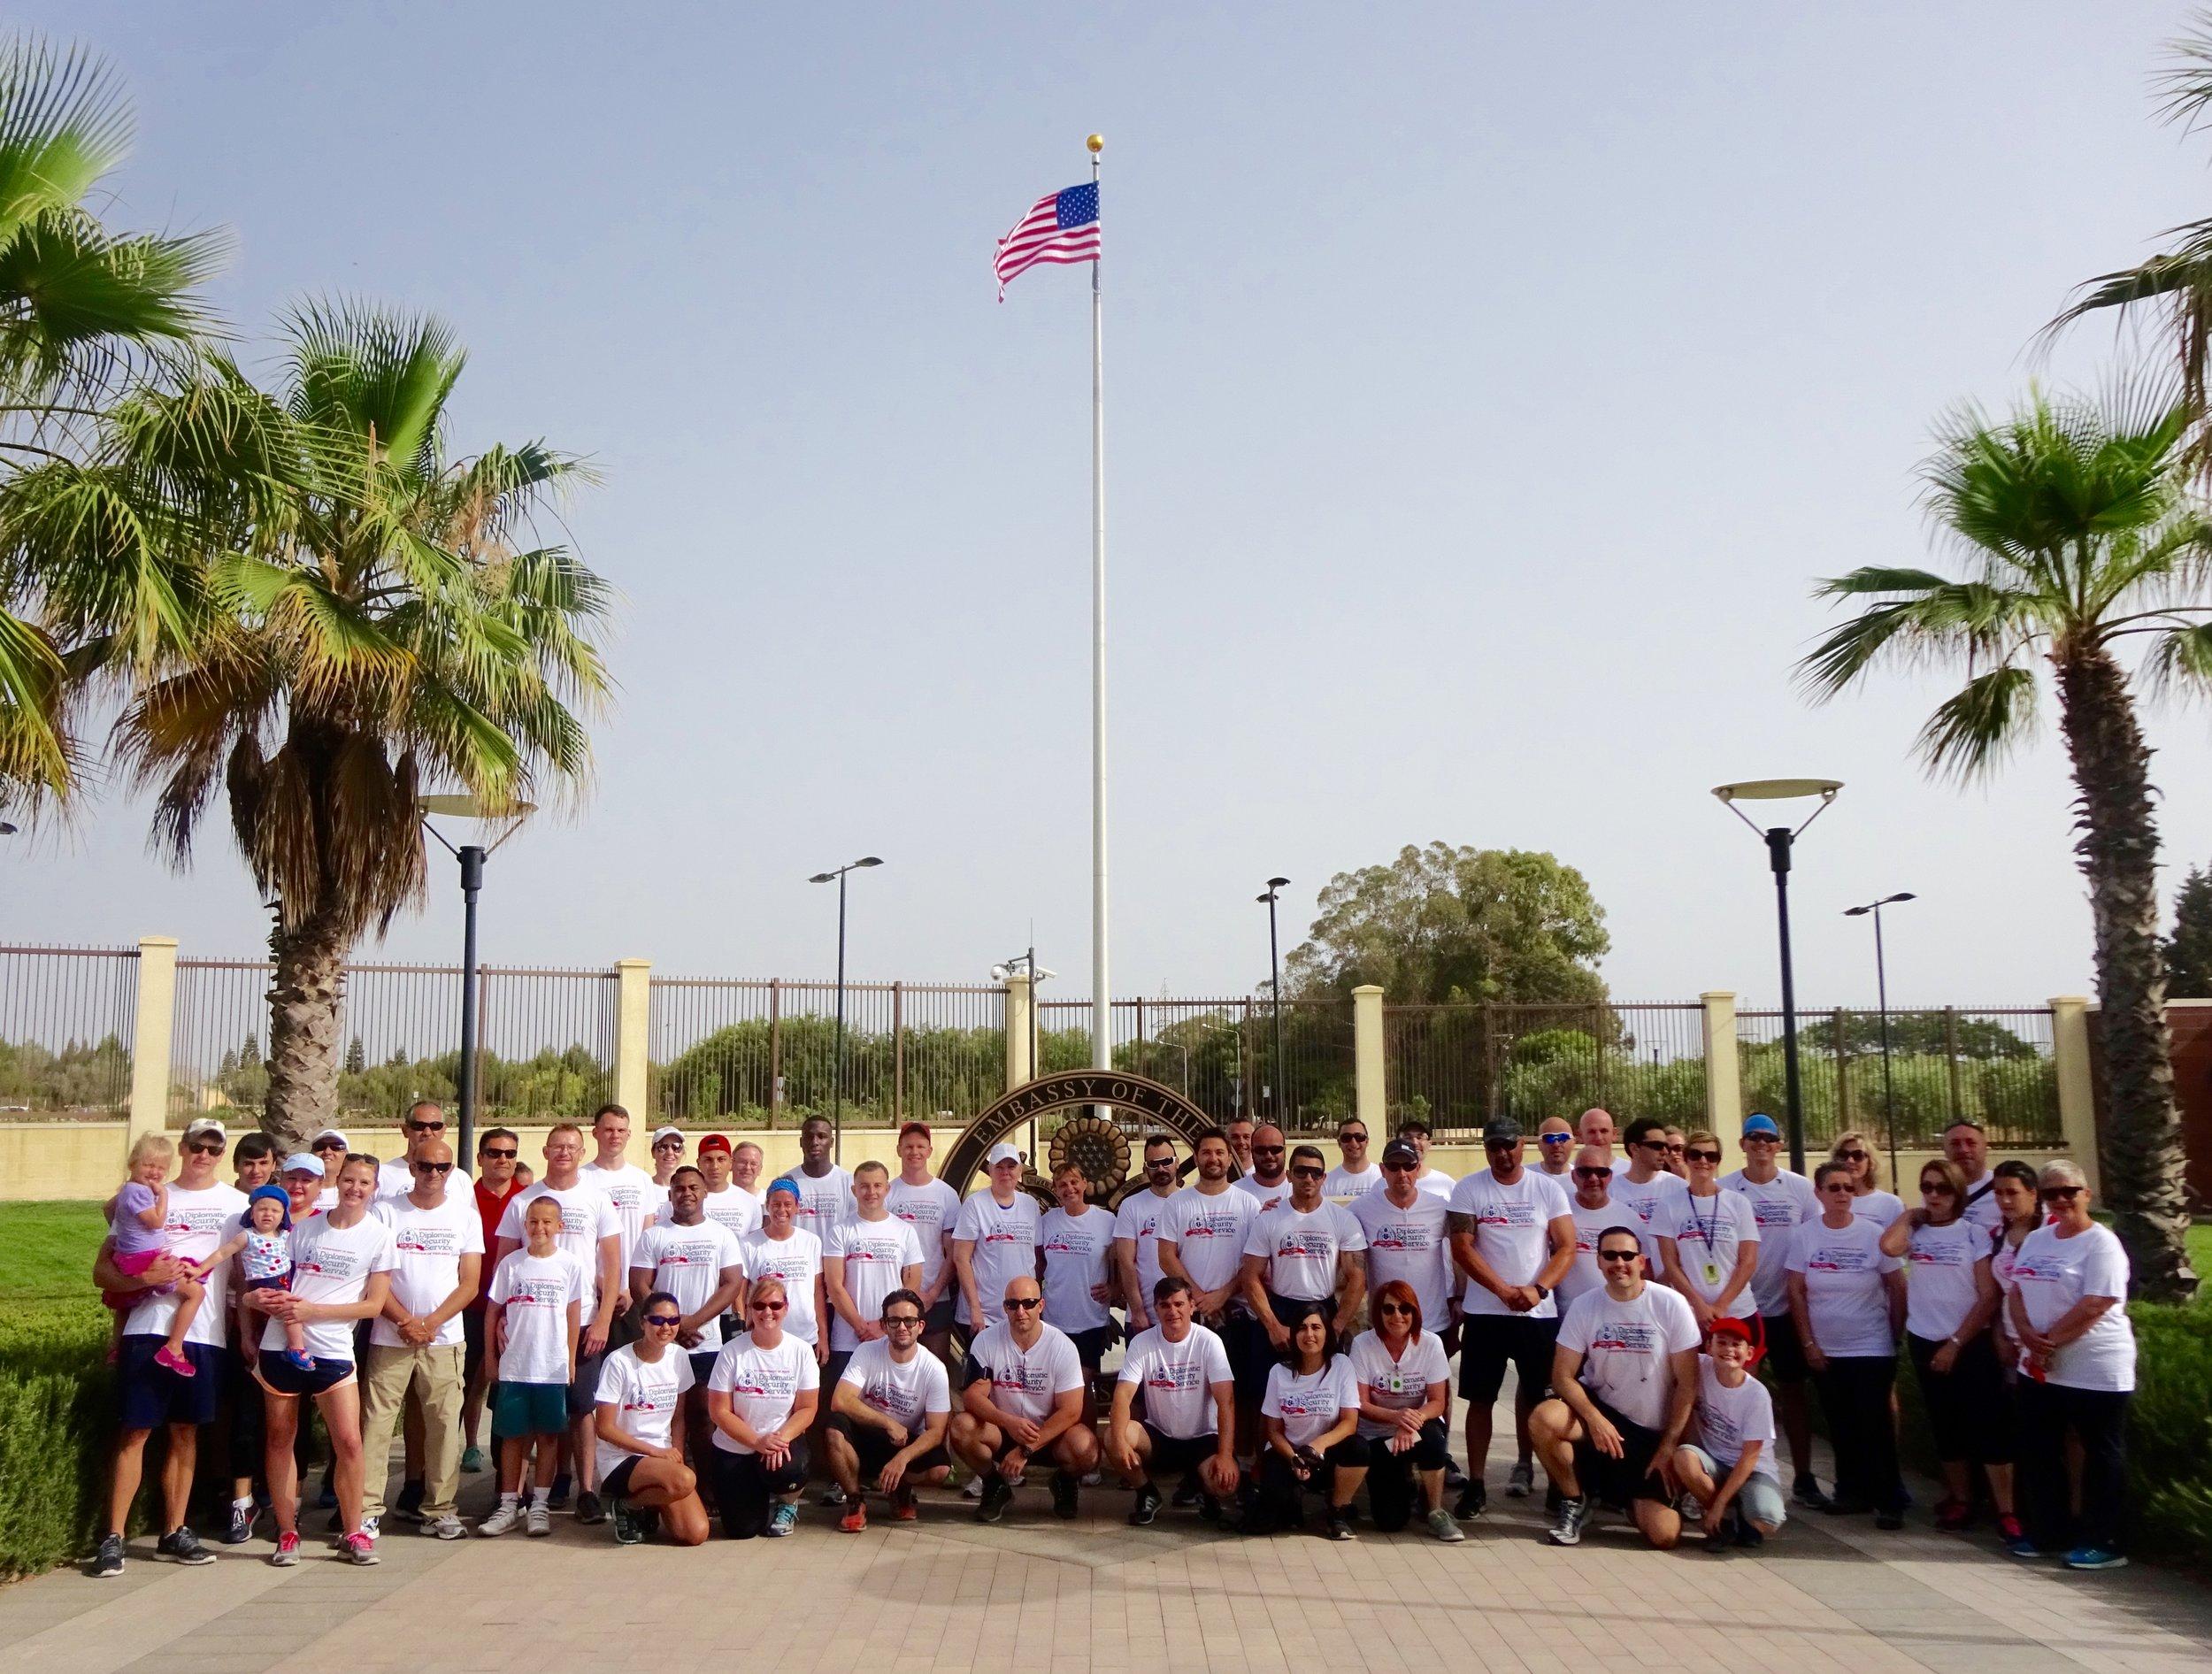 Team Valletta, Malta's race brought in $500